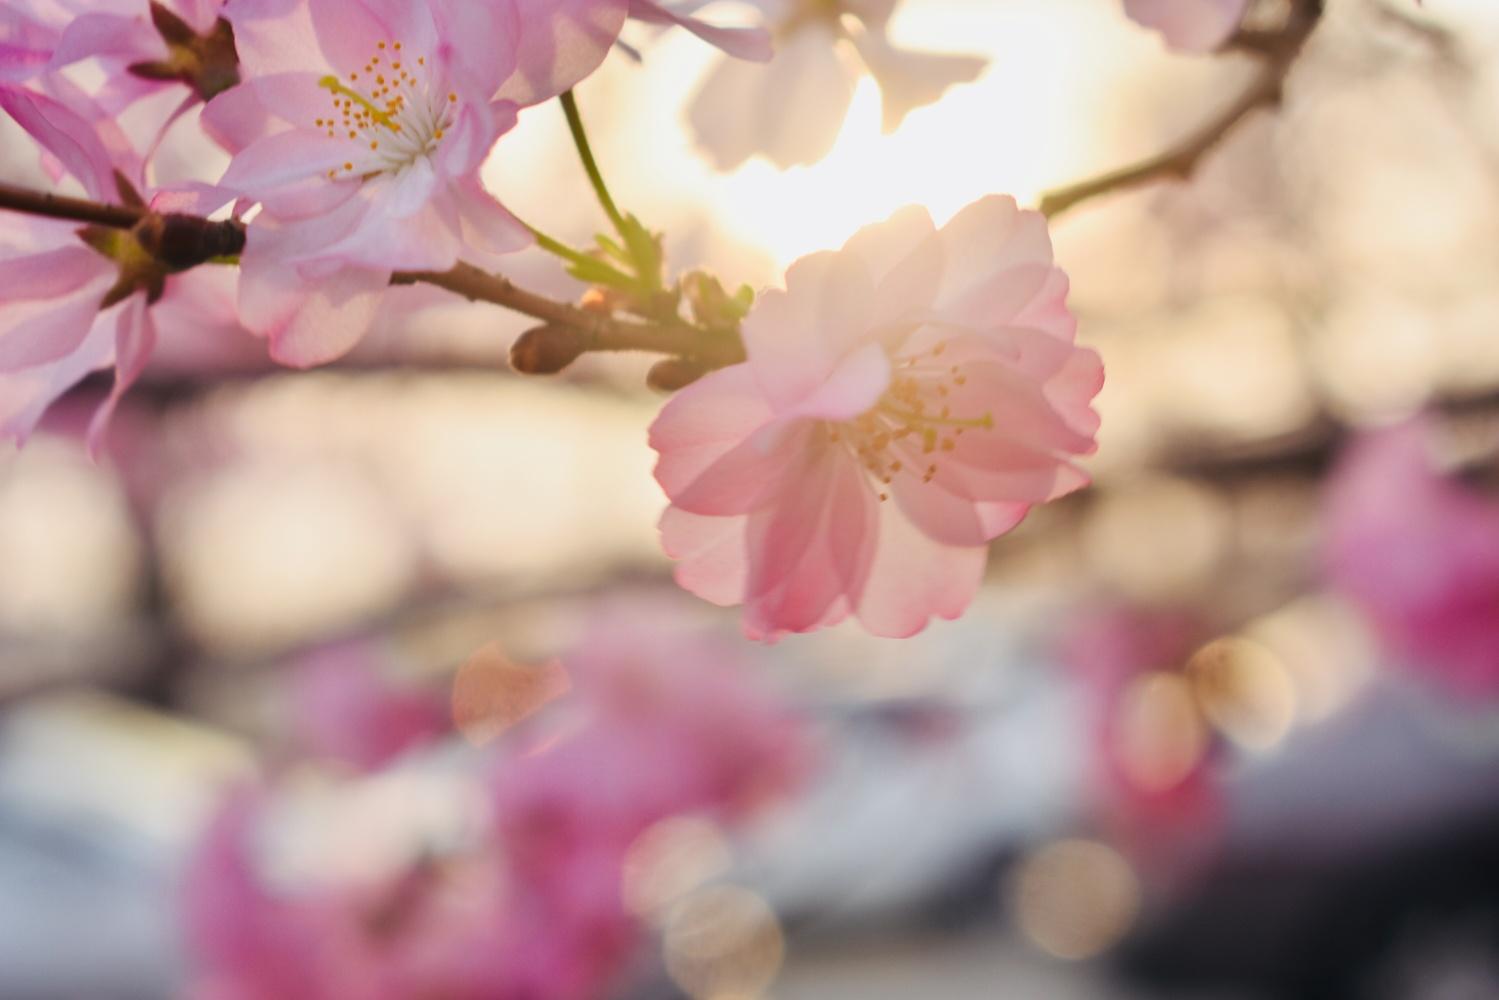 Spring Blossom by Bhargav Kesavan